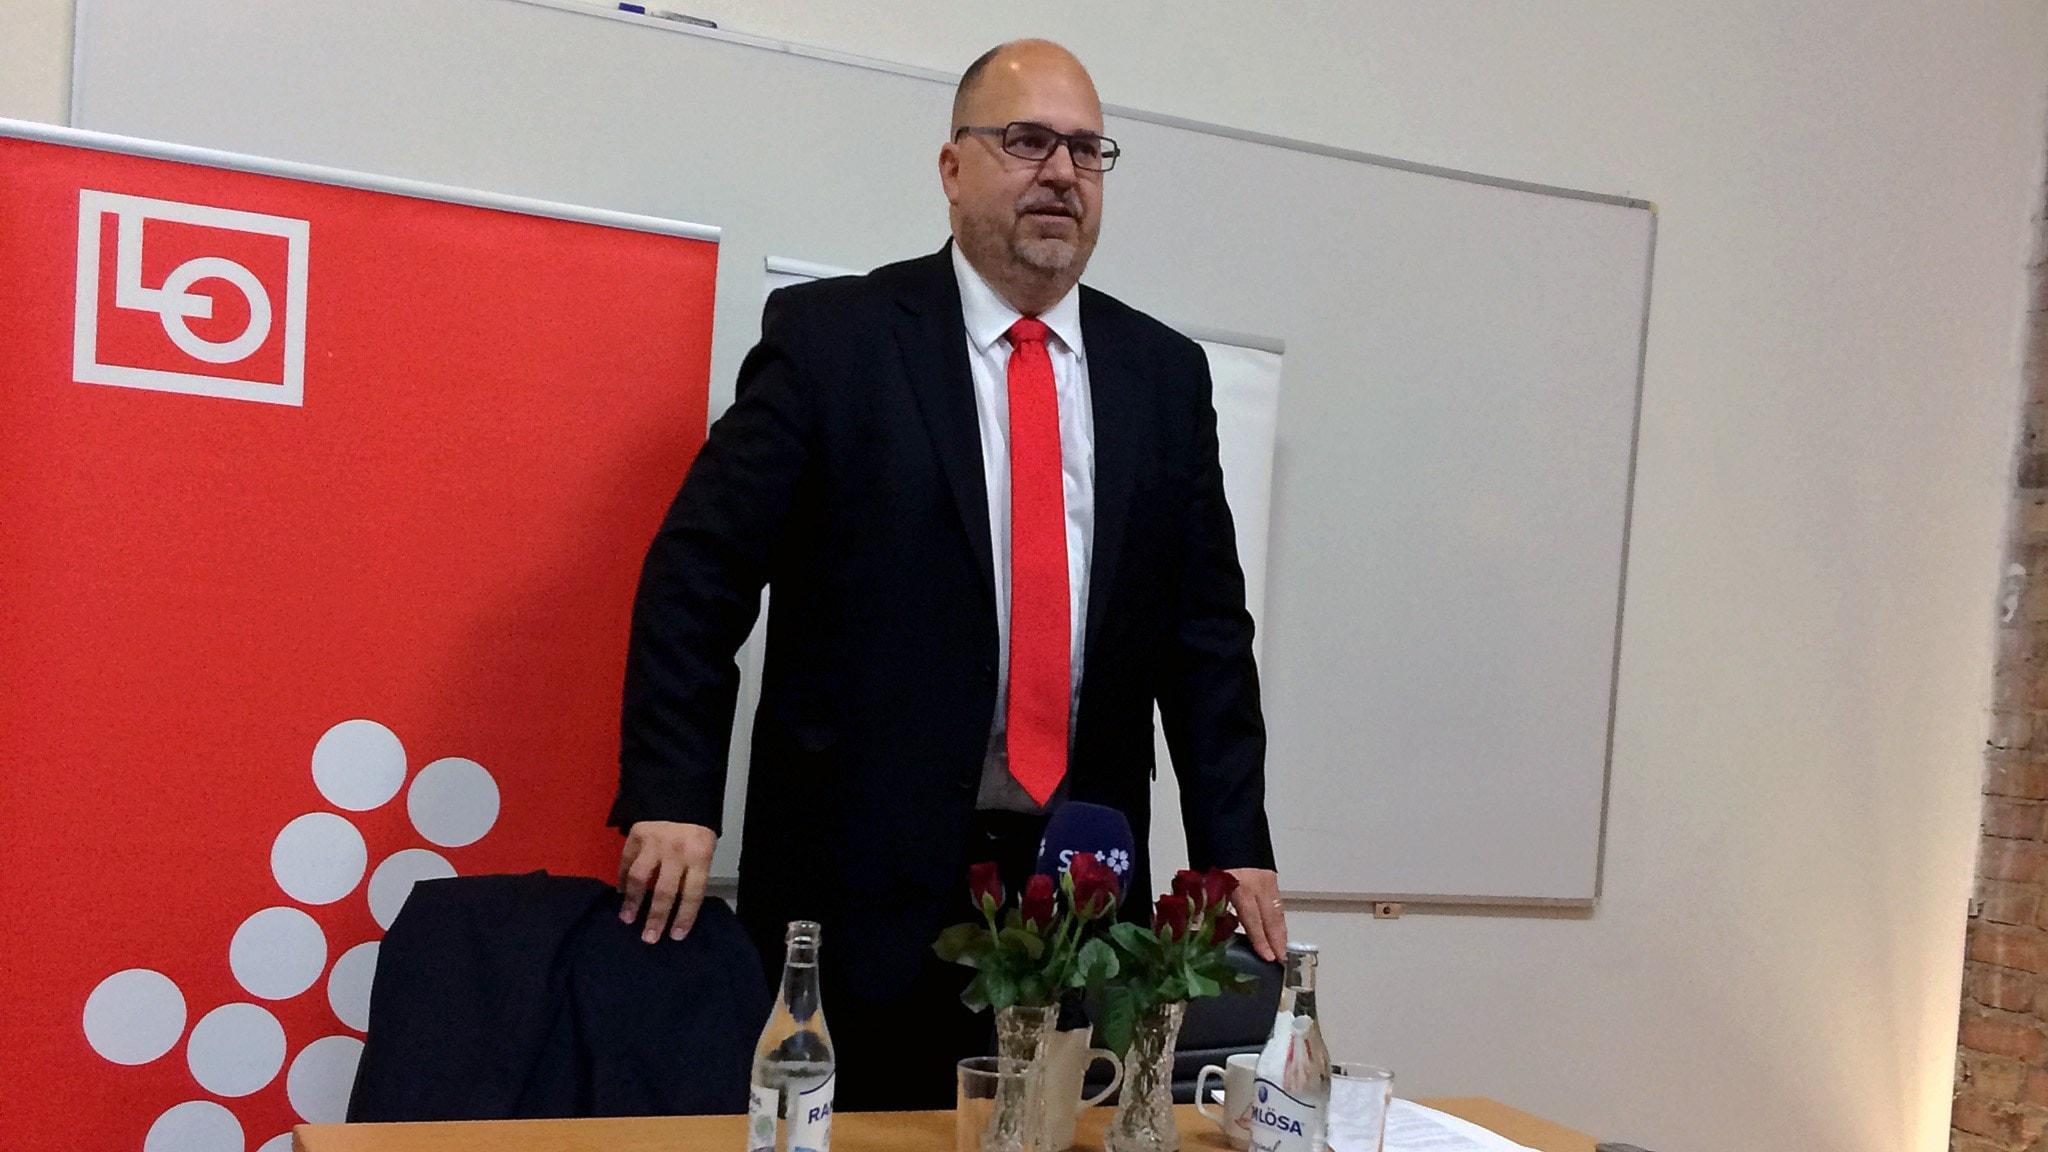 Karl-Petter Thorwaldsson på LO:s presskonferens i Landskrona. Foto: Odd Clausen / Sveriges Radio